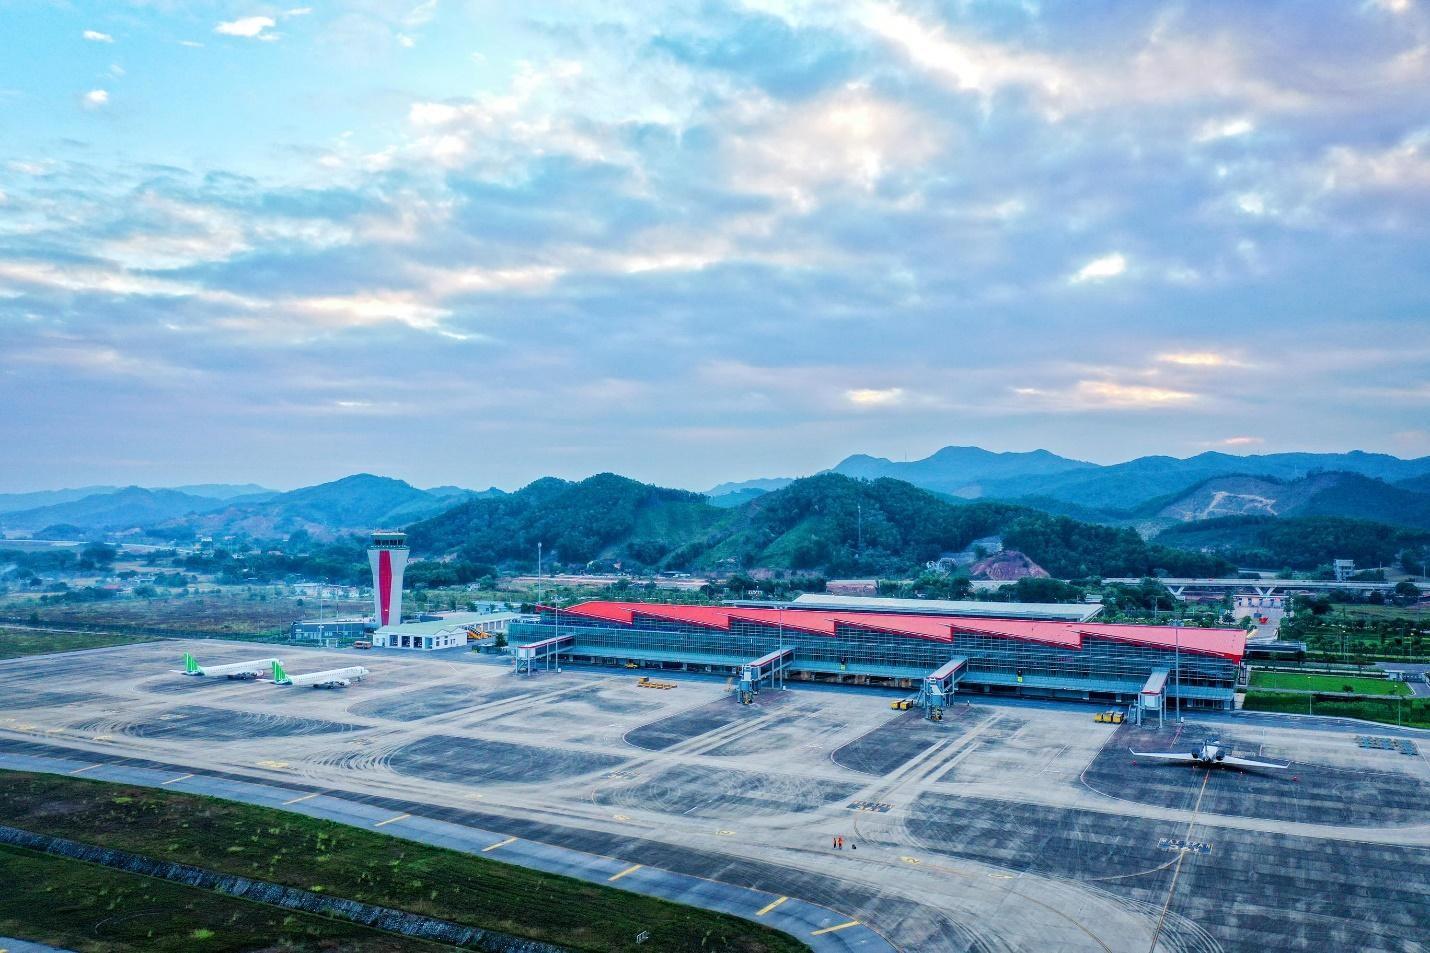 Hệ thống công nghệ tại sân bay hiện đại nhất Việt Nam có gì? - Ảnh 9